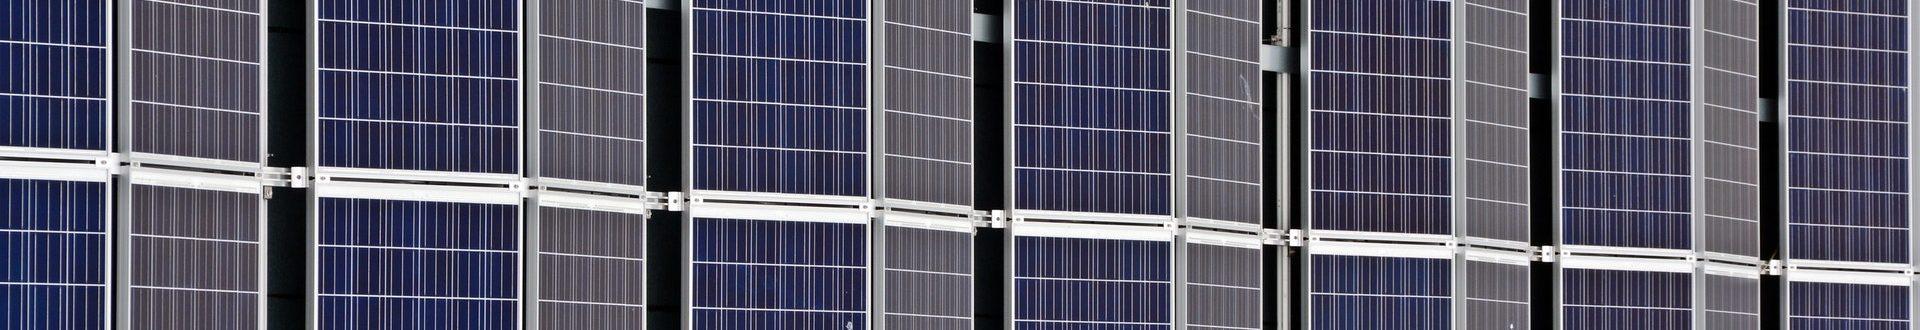 solar-solar-cells-photovoltaic-environmentally-friendly-159243